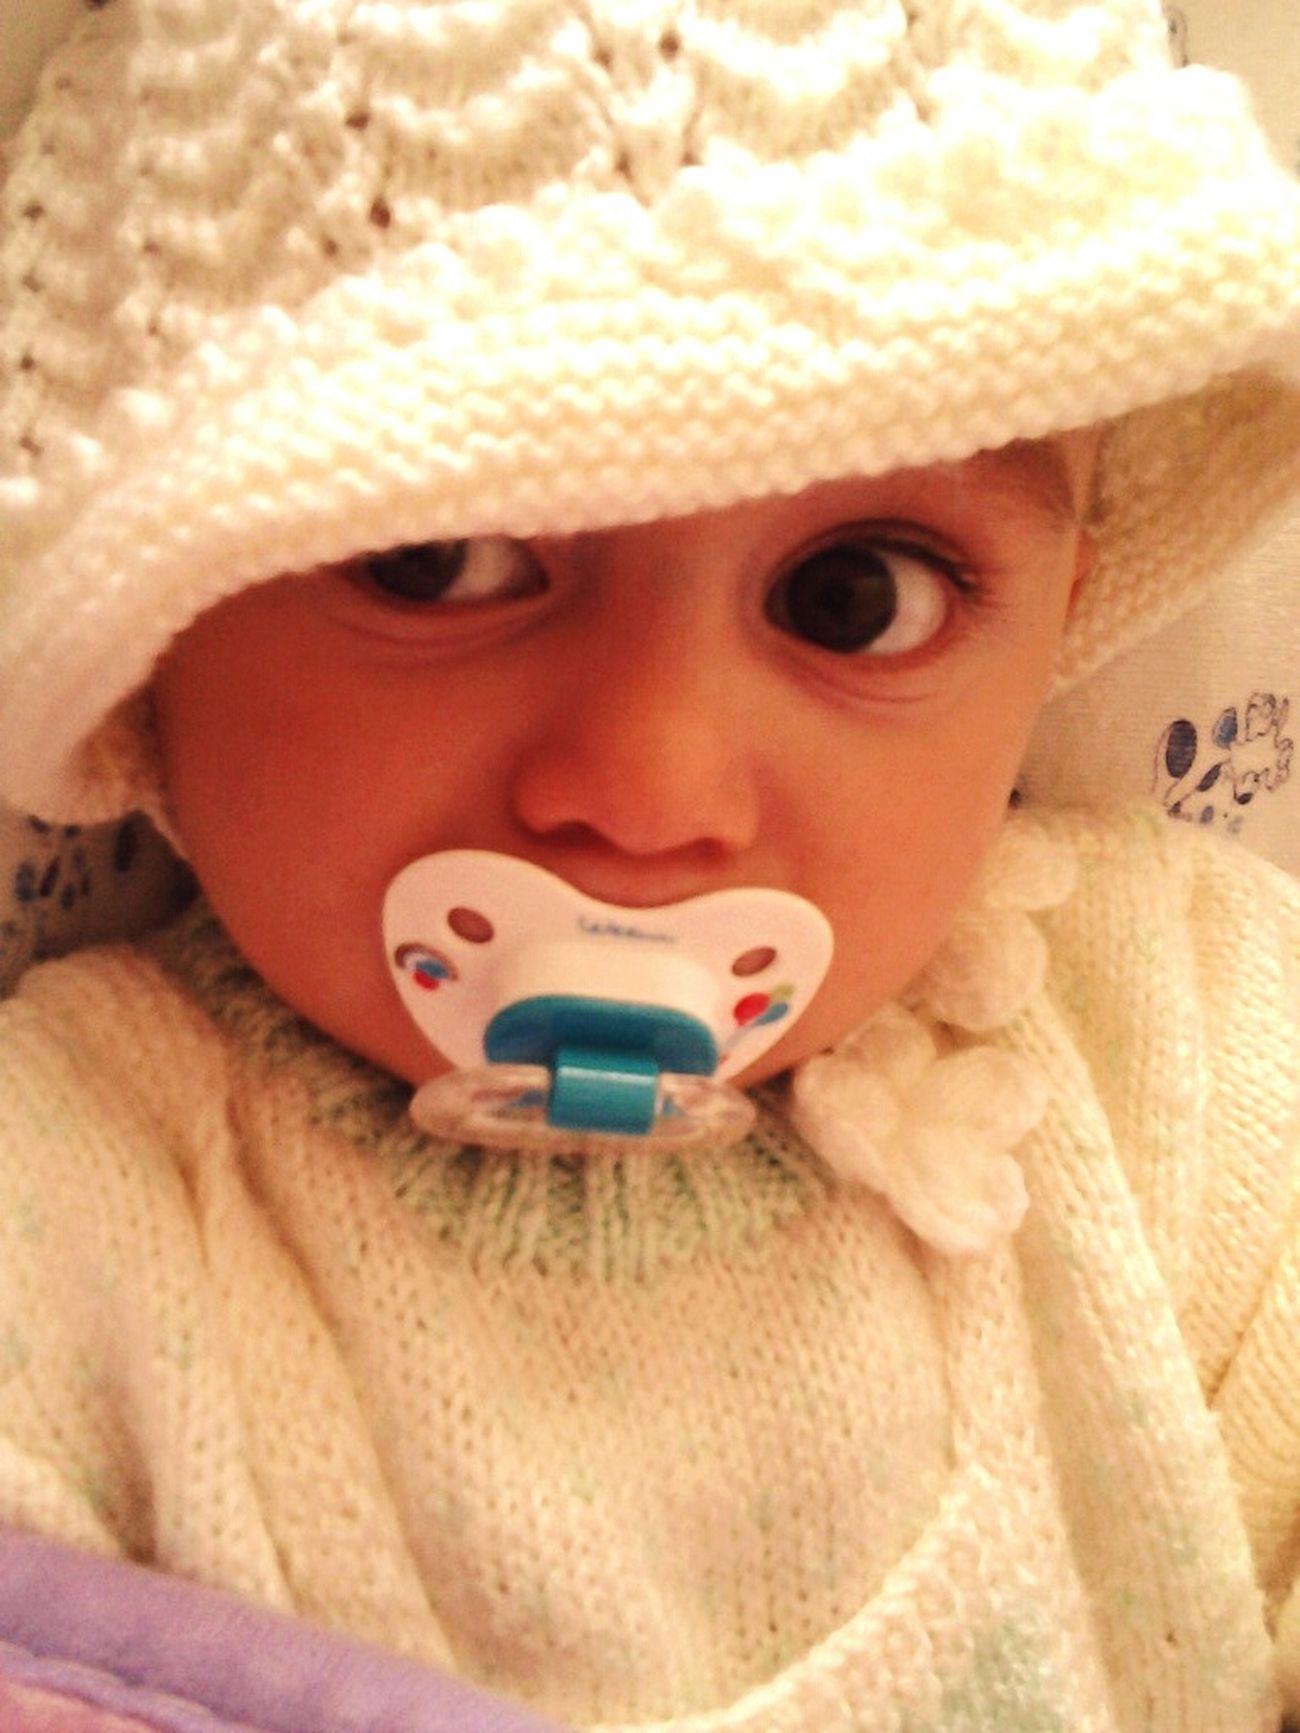 Baby ❤ MyNephew Yiğen👼👼 Biriciğim 😍💕💞